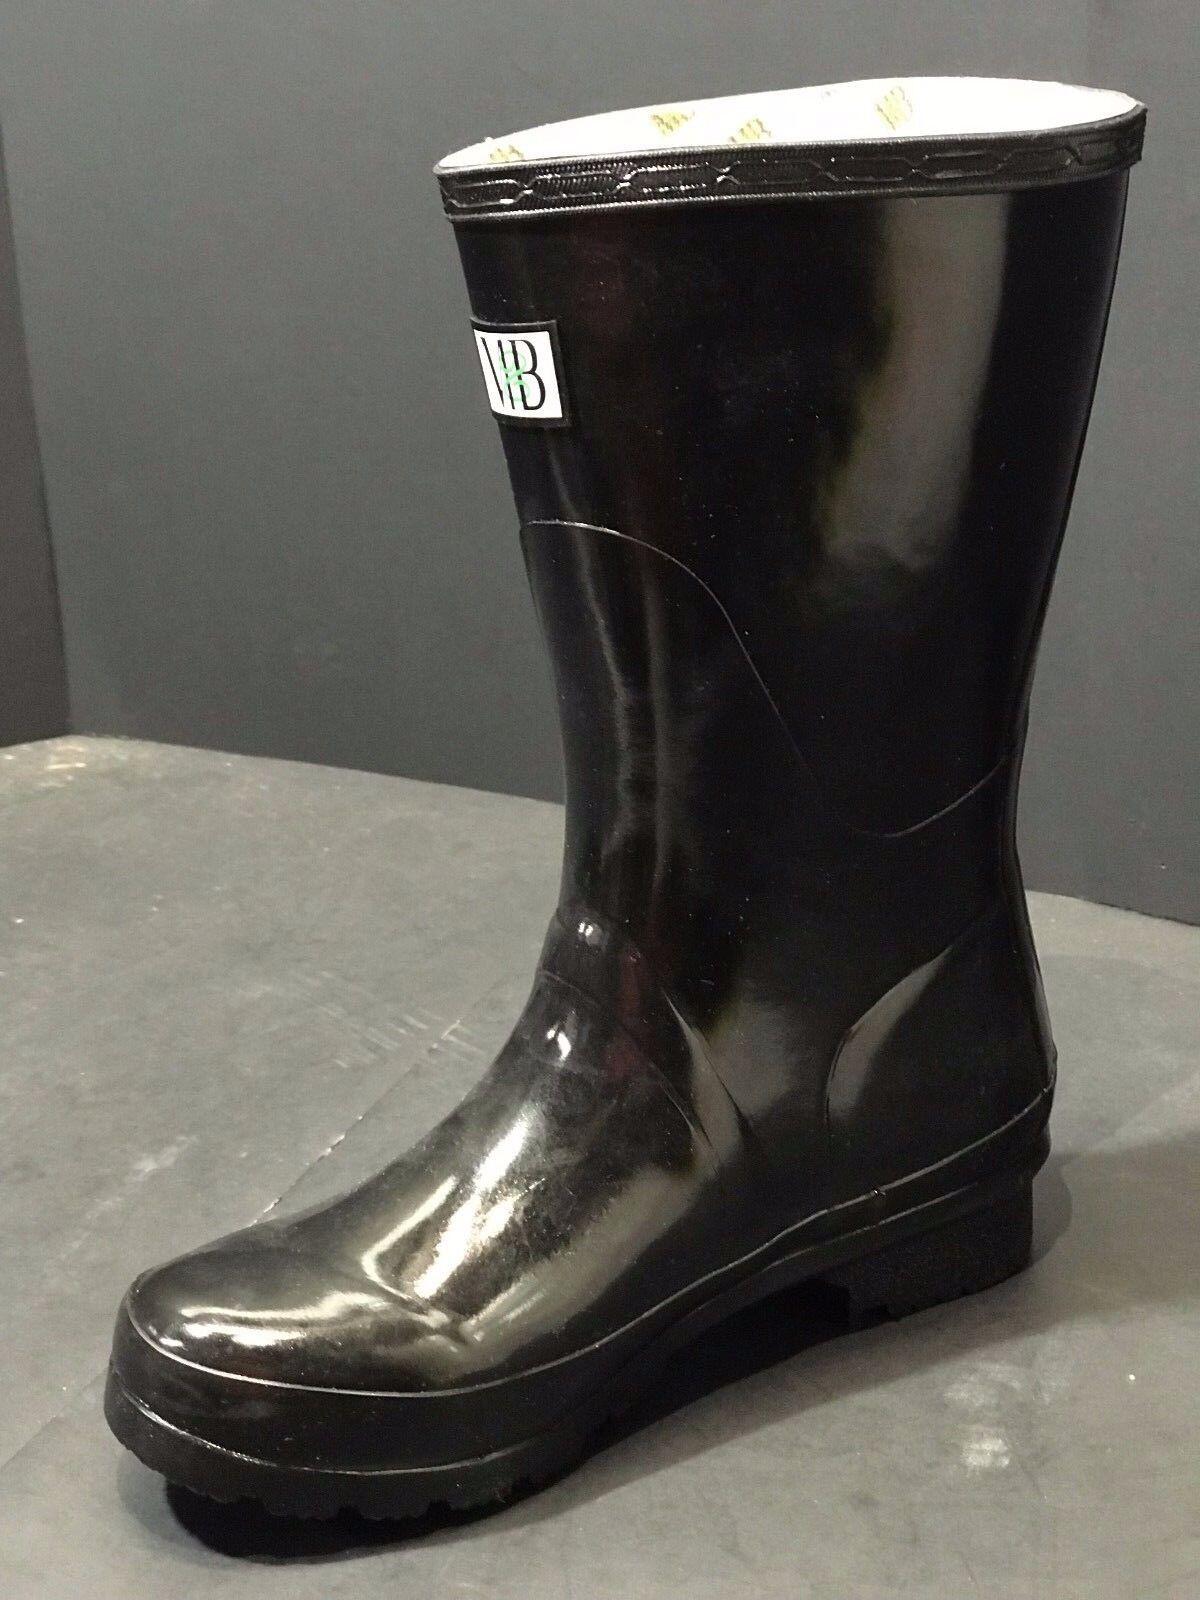 Nuevo M&B Corto Brillo Negro Lluvia botas para mujer Talla EE. UU. 5 M